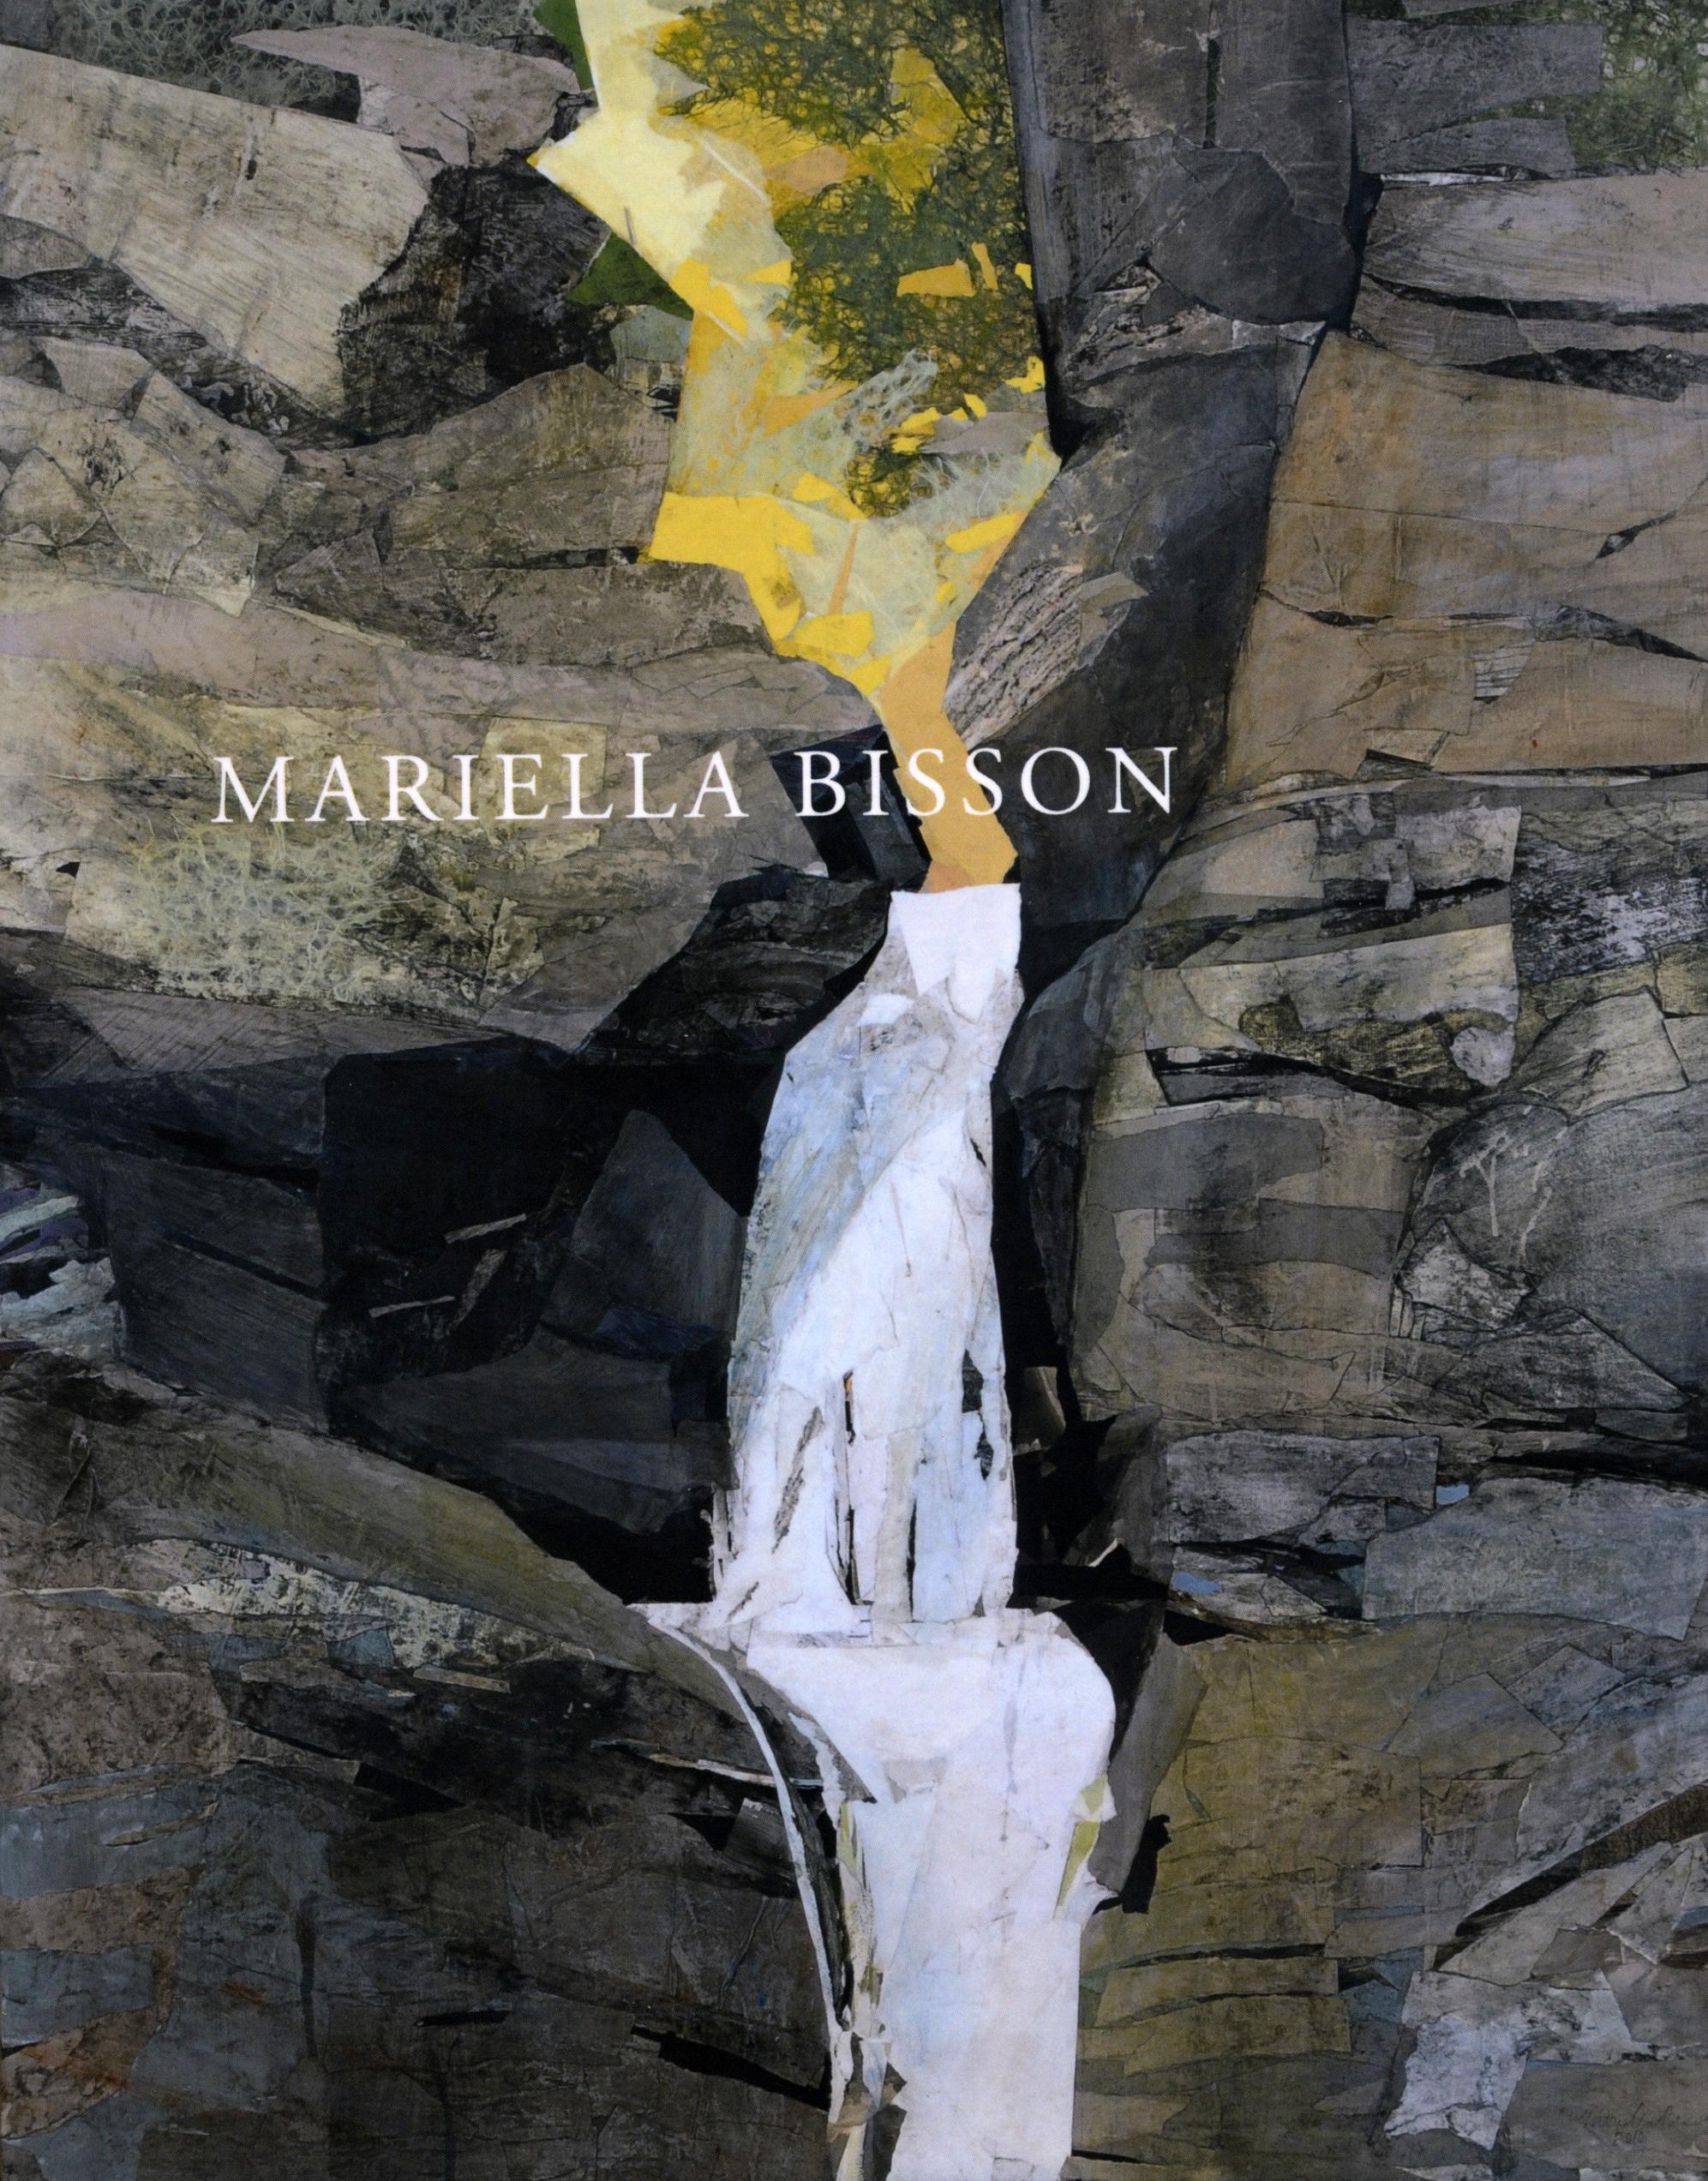 Mariella Bisson